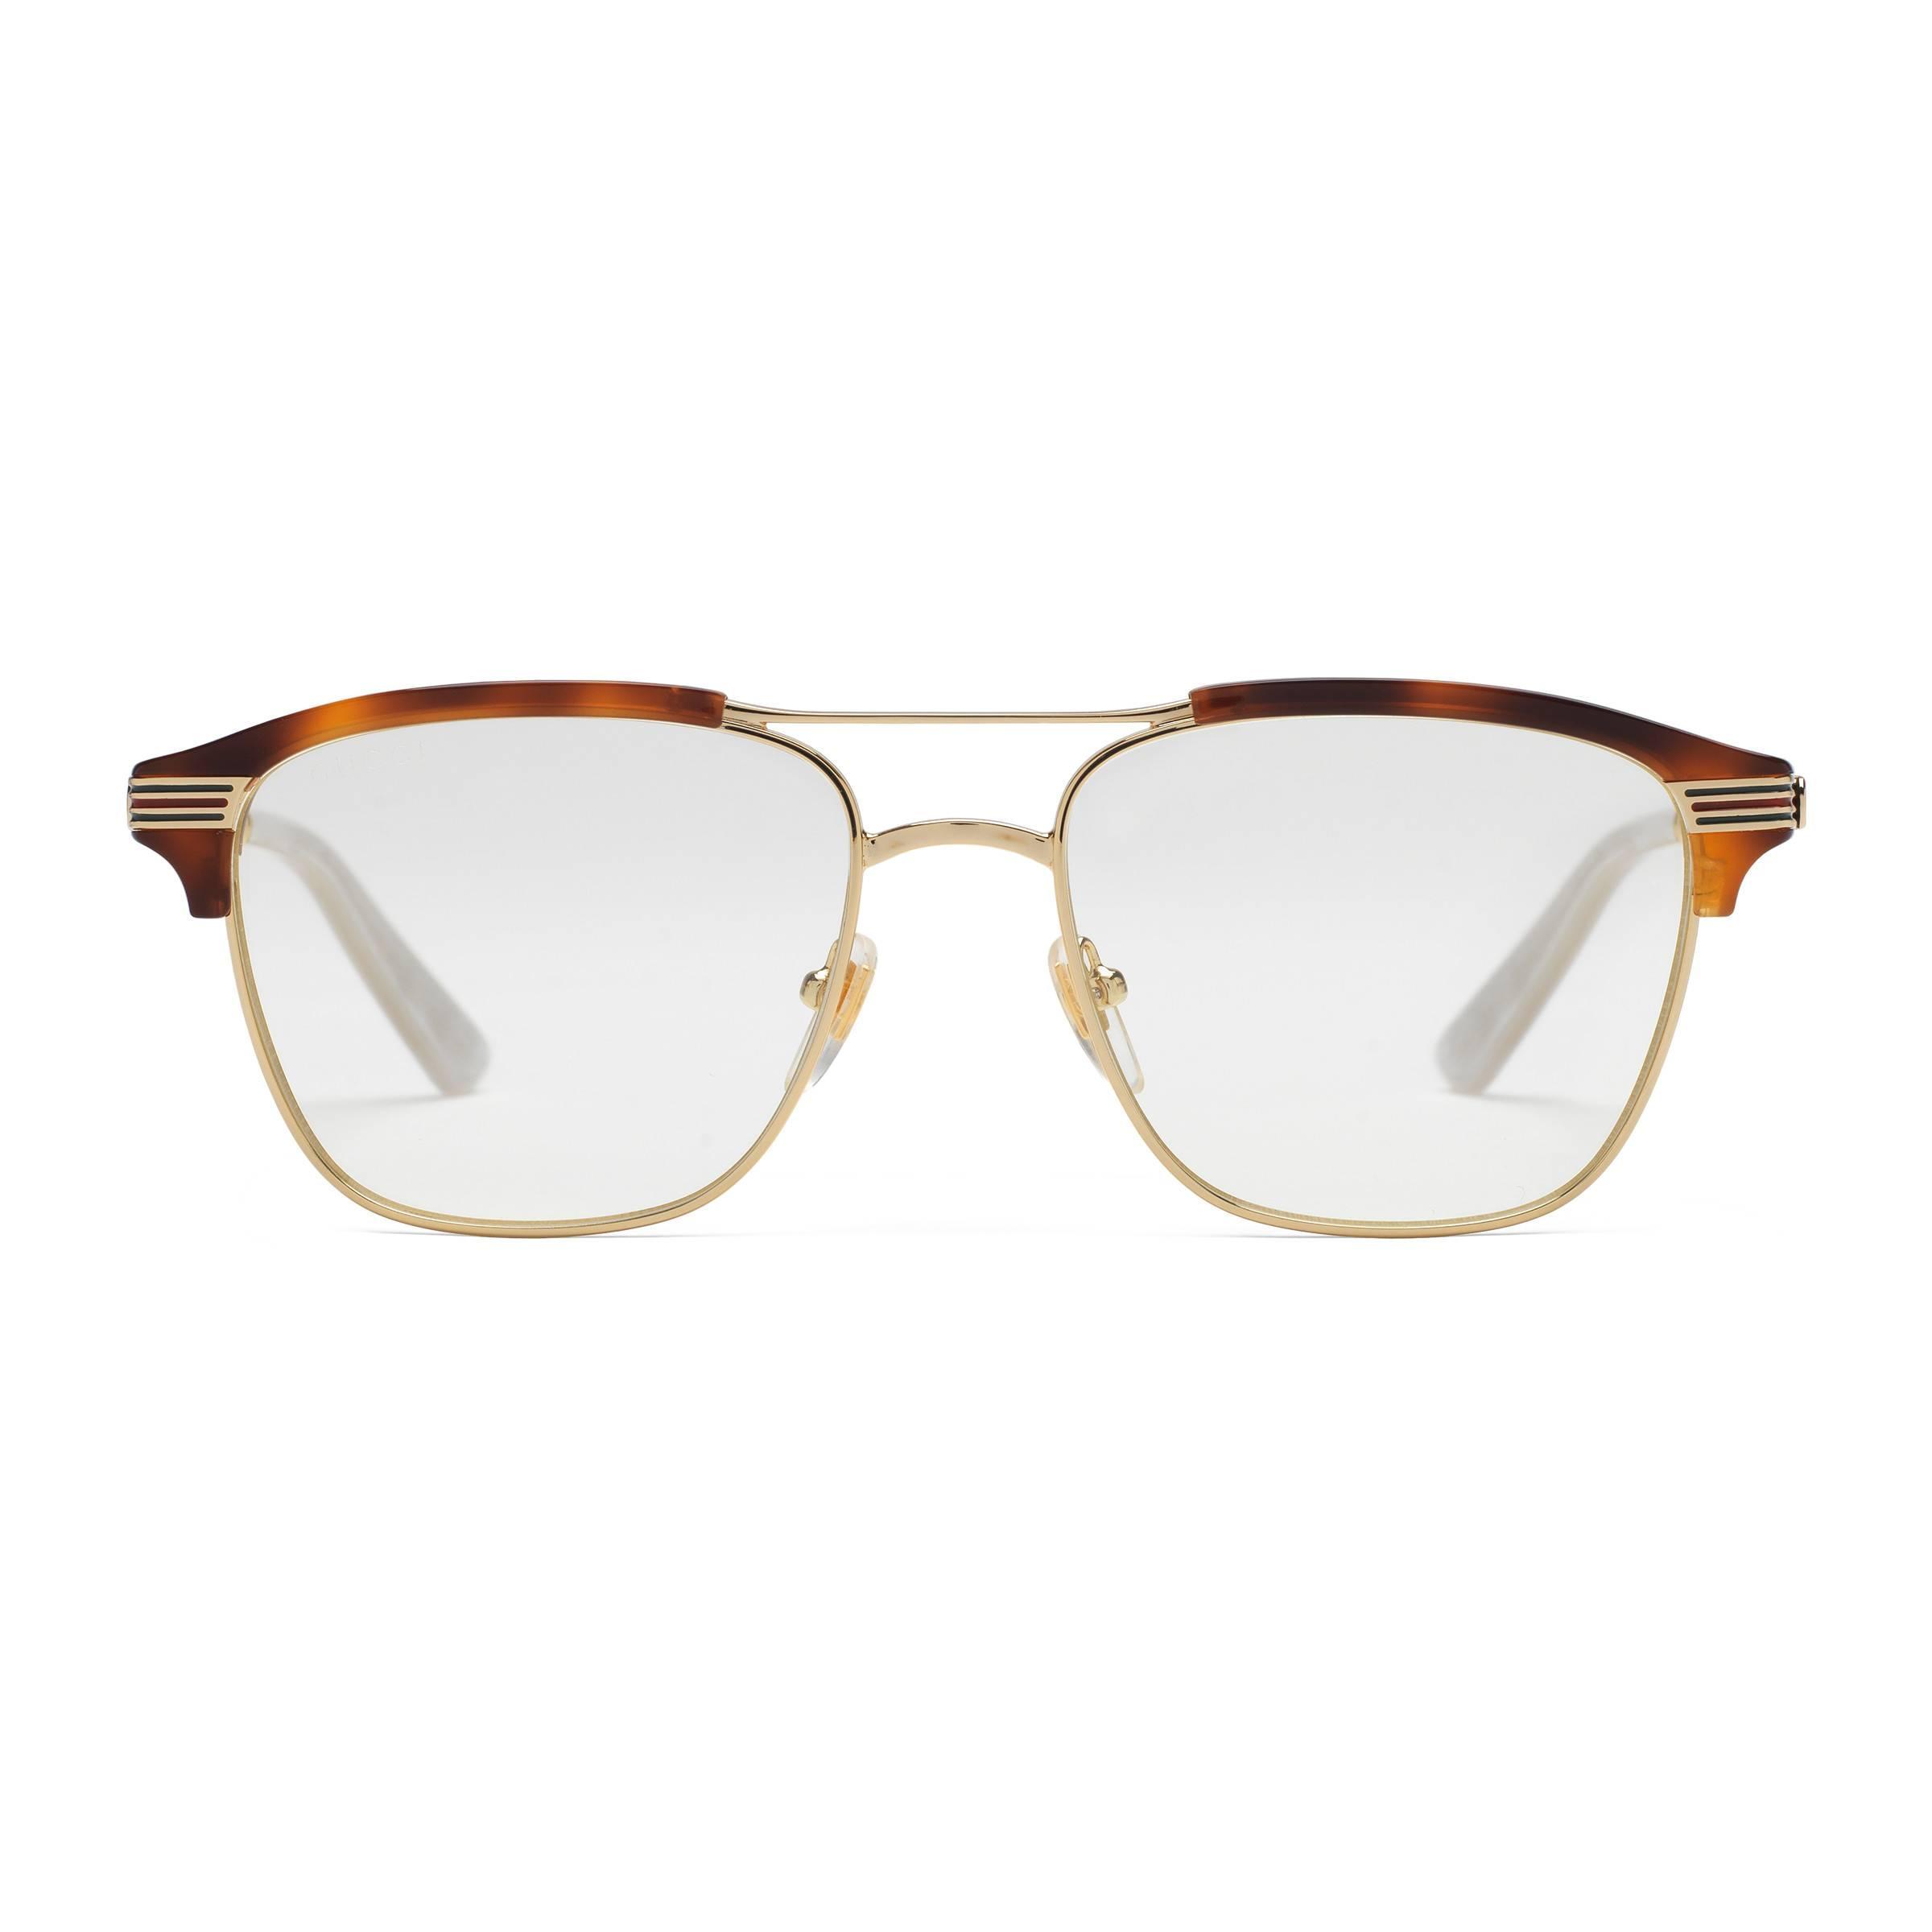 8c7dbeed65 Gafas cuadradas de metal Gucci de hombre de color Marrón - Lyst